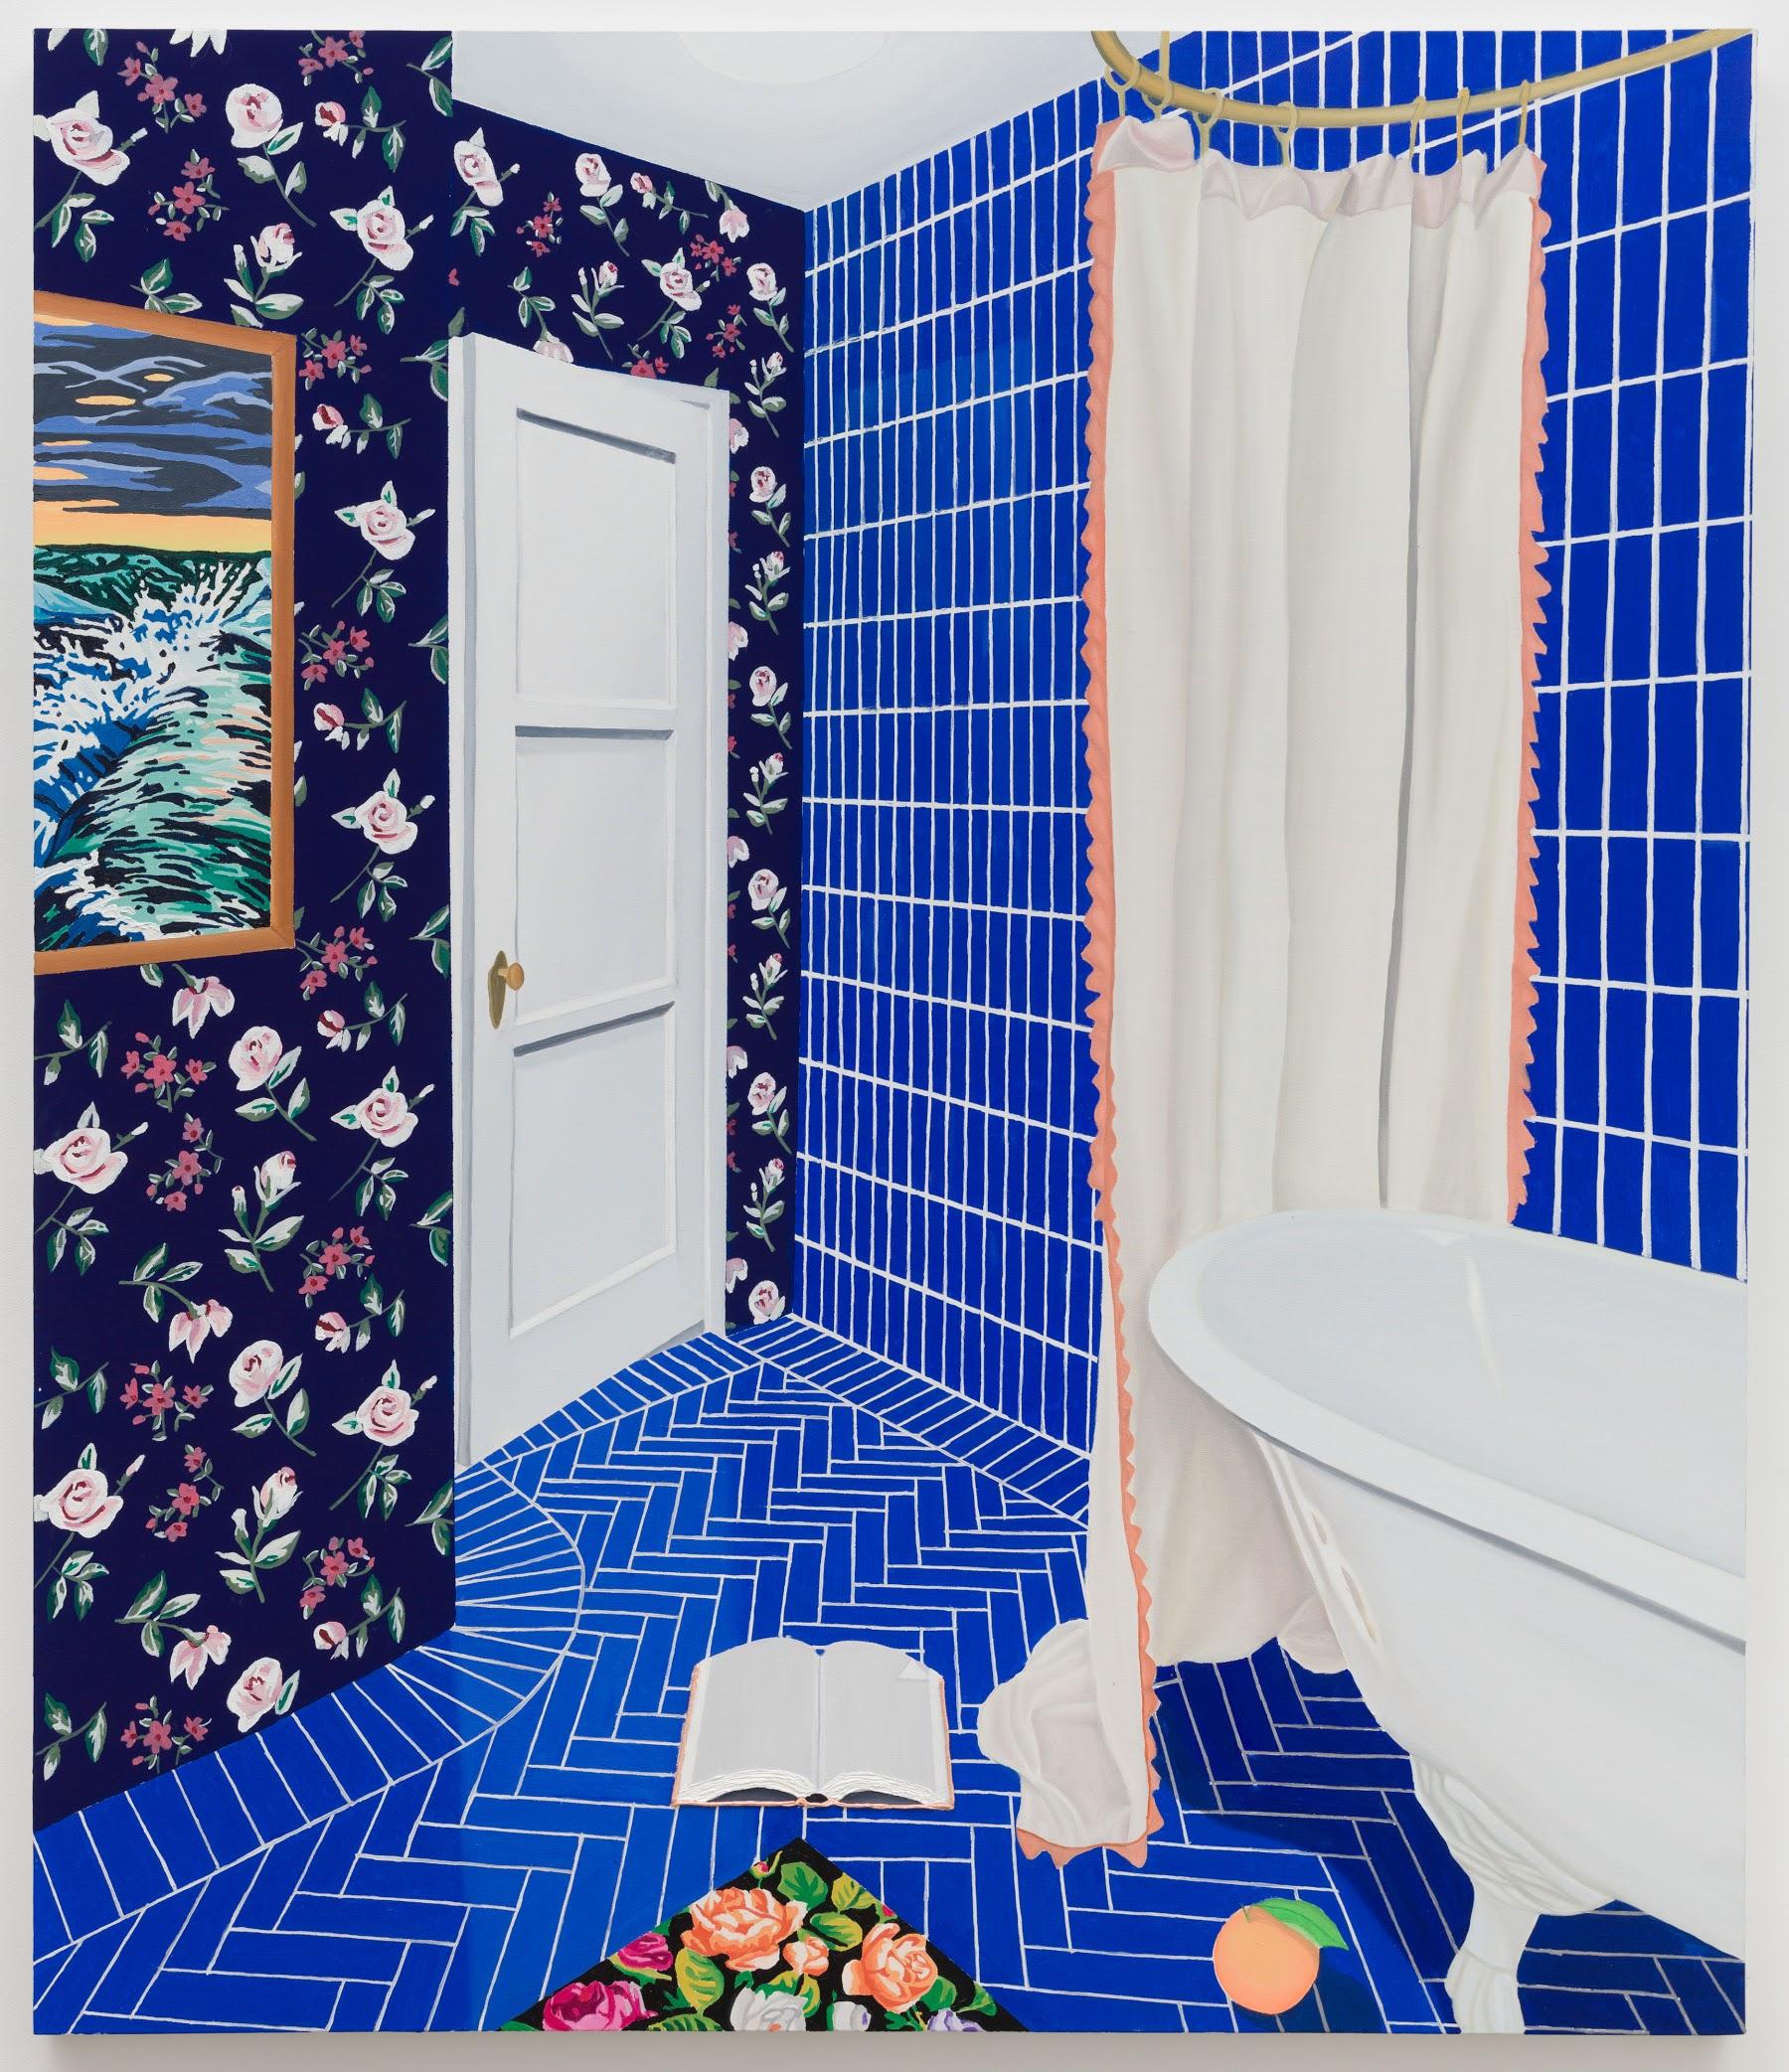 Alec Egan, Bathroom (2020). Courtesy of Anat Ebgi.